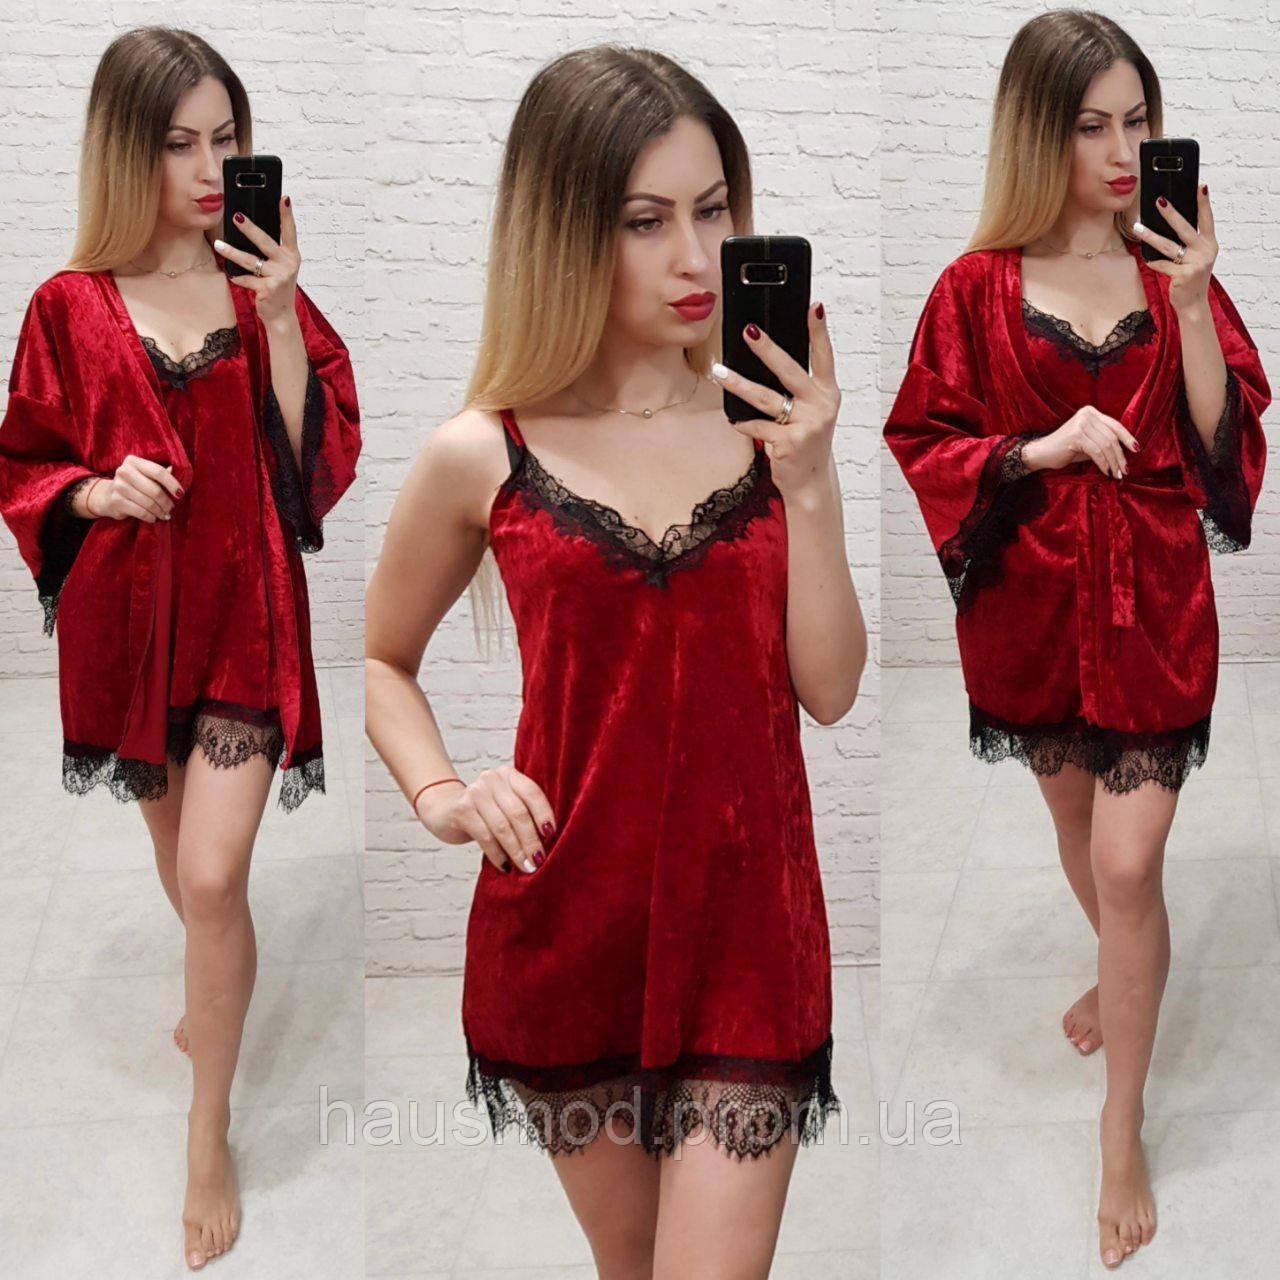 cacdcad38552 Женский комплект велюр ночнушка + халат ткань мраморный велюр французское  кружево цвет красный -